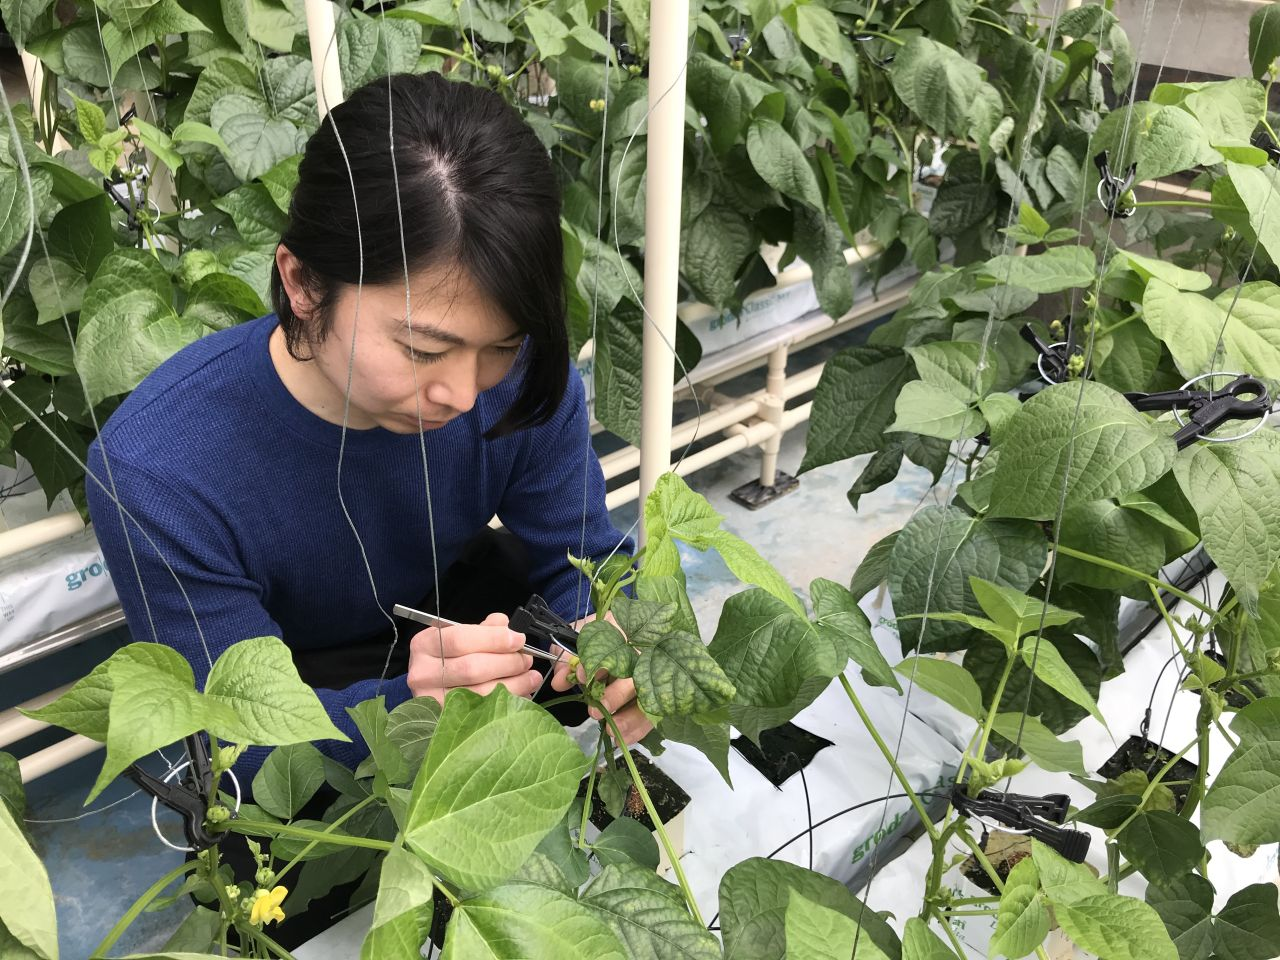 自分が関わった品種が、北海道農業の発展に寄与できたら嬉しいです ...